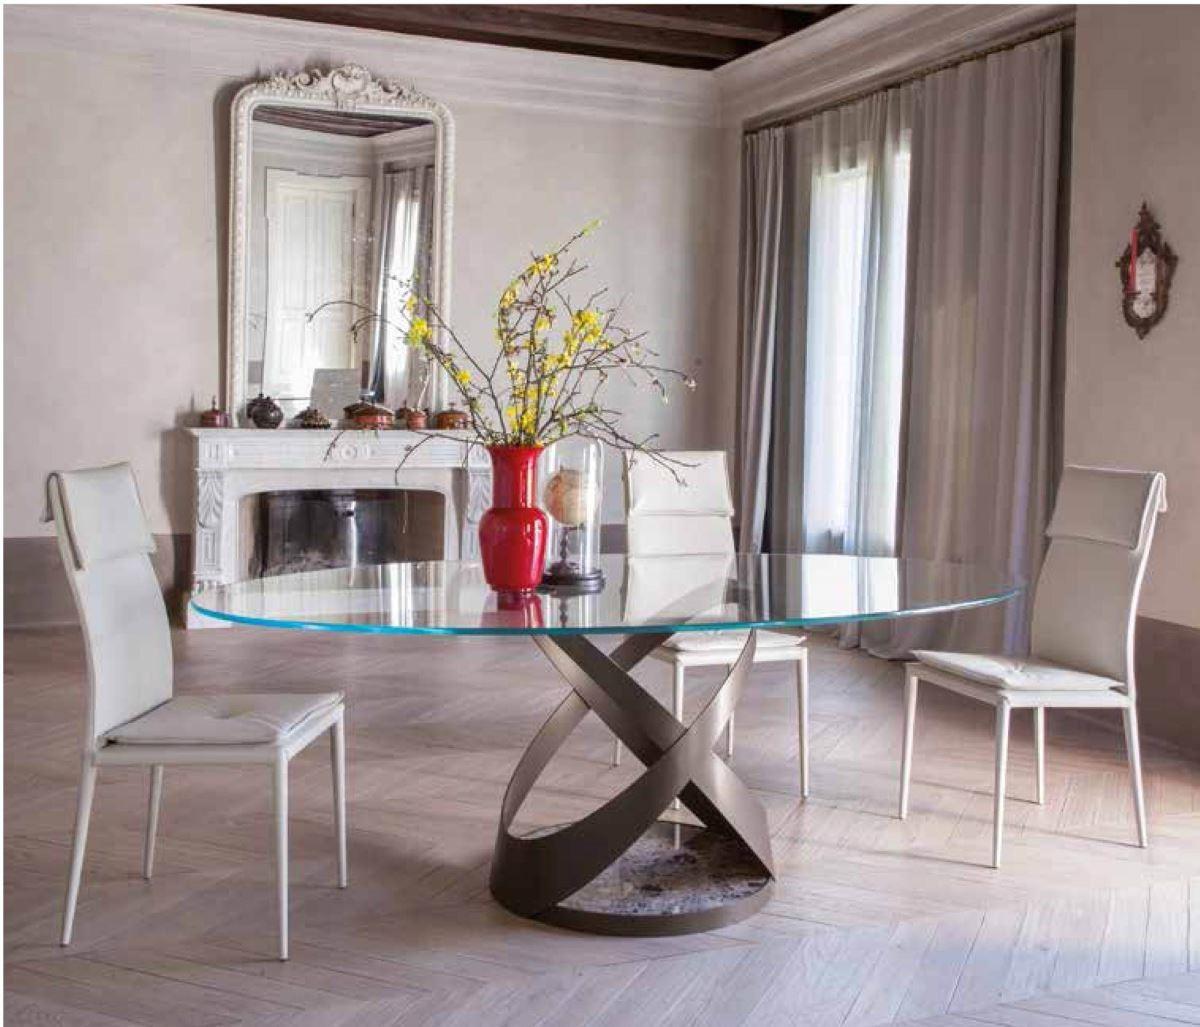 以玻璃、鐵件等現代感異材質結合的傢具設計,即使置放於古典風格的空間也沒有違和感。